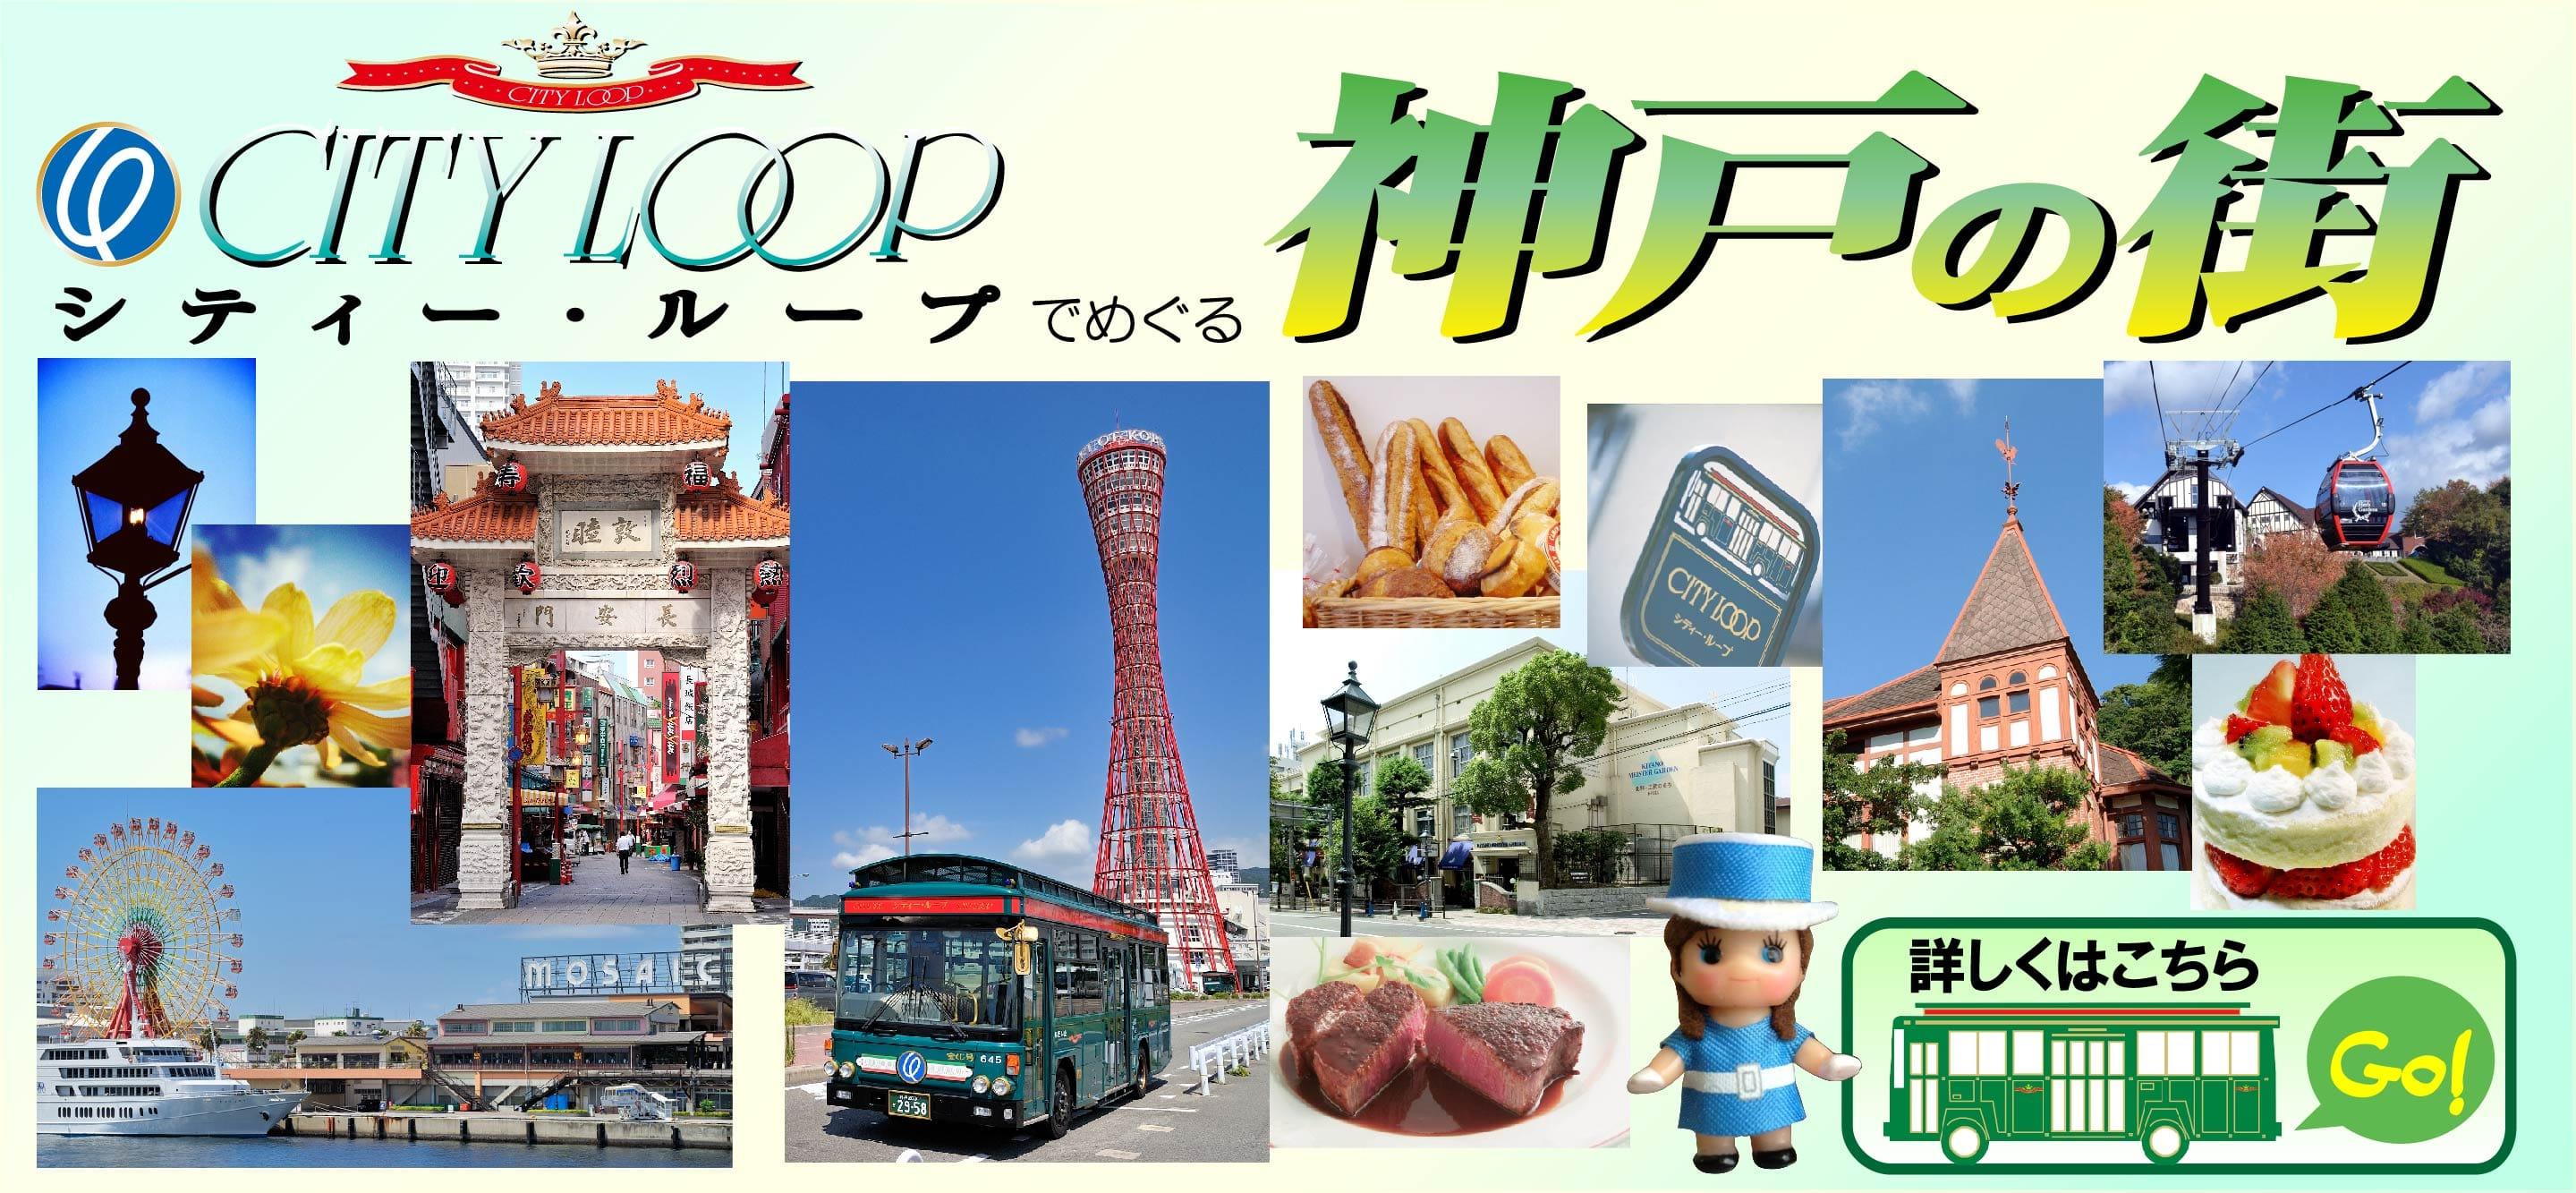 神戶市區景點交通|環城巴士(City Loop Bus)、環城巴士一日券